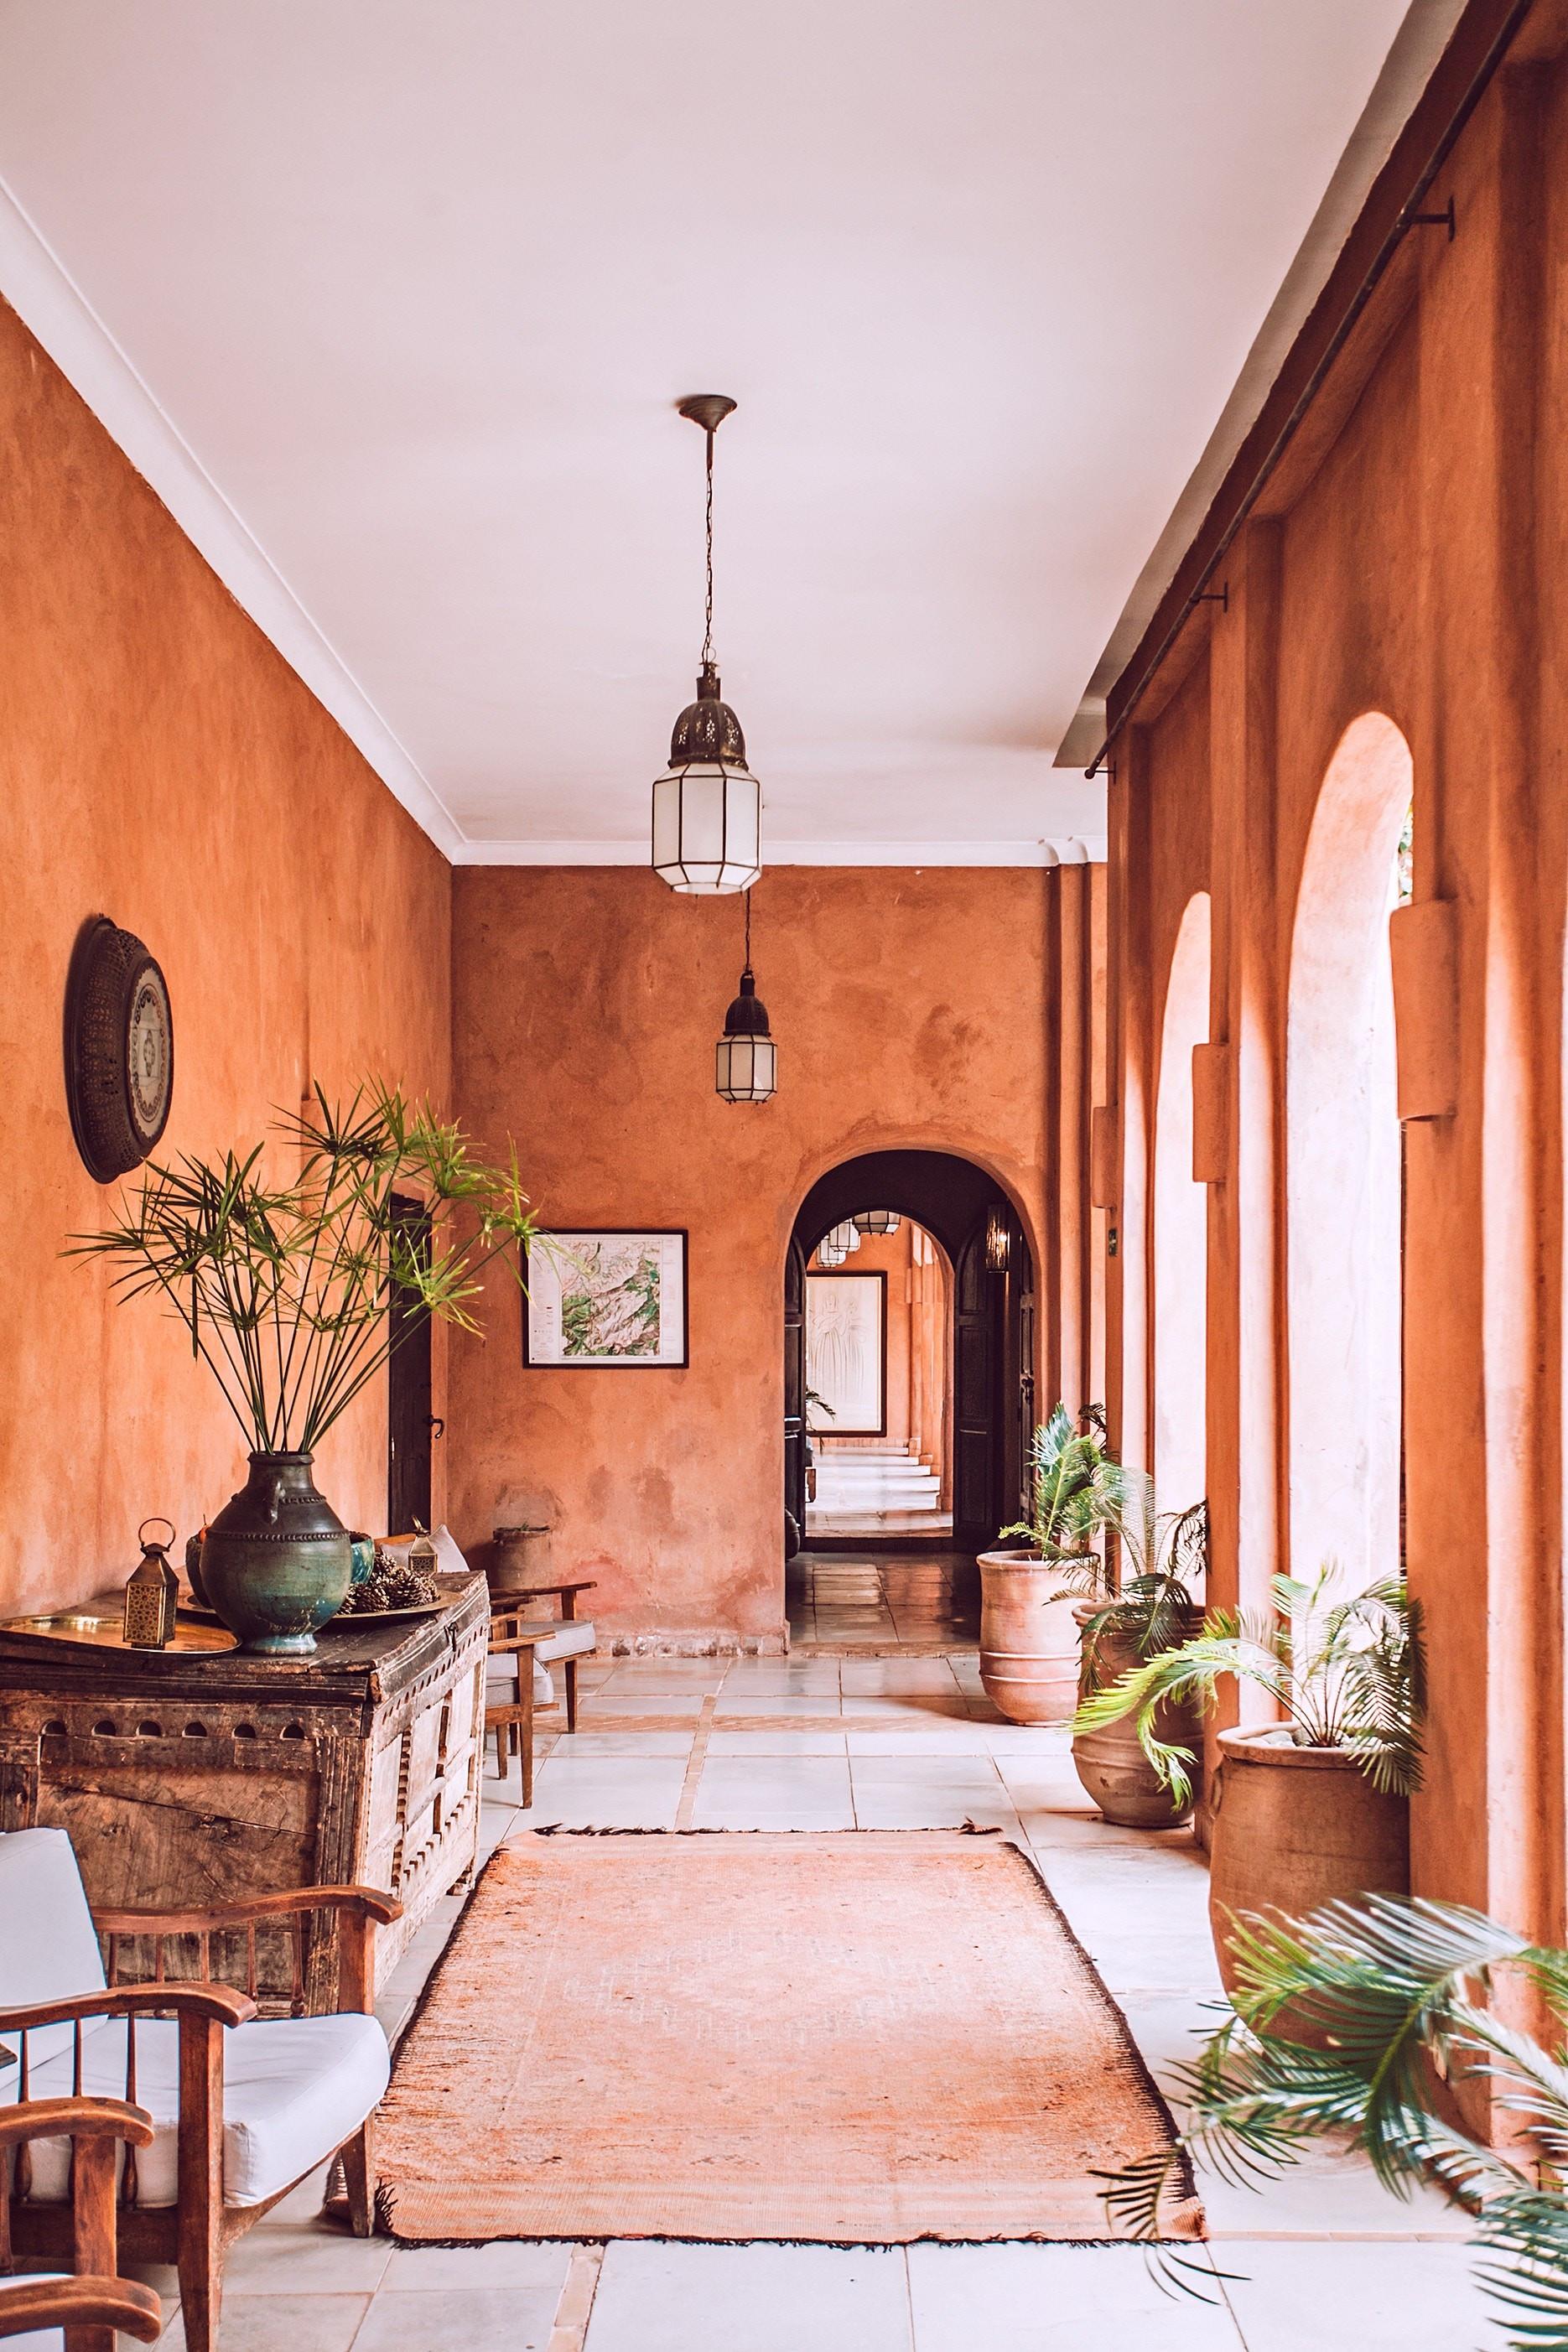 Quer decorar sua casa? Estas cores serão tendência em 2019